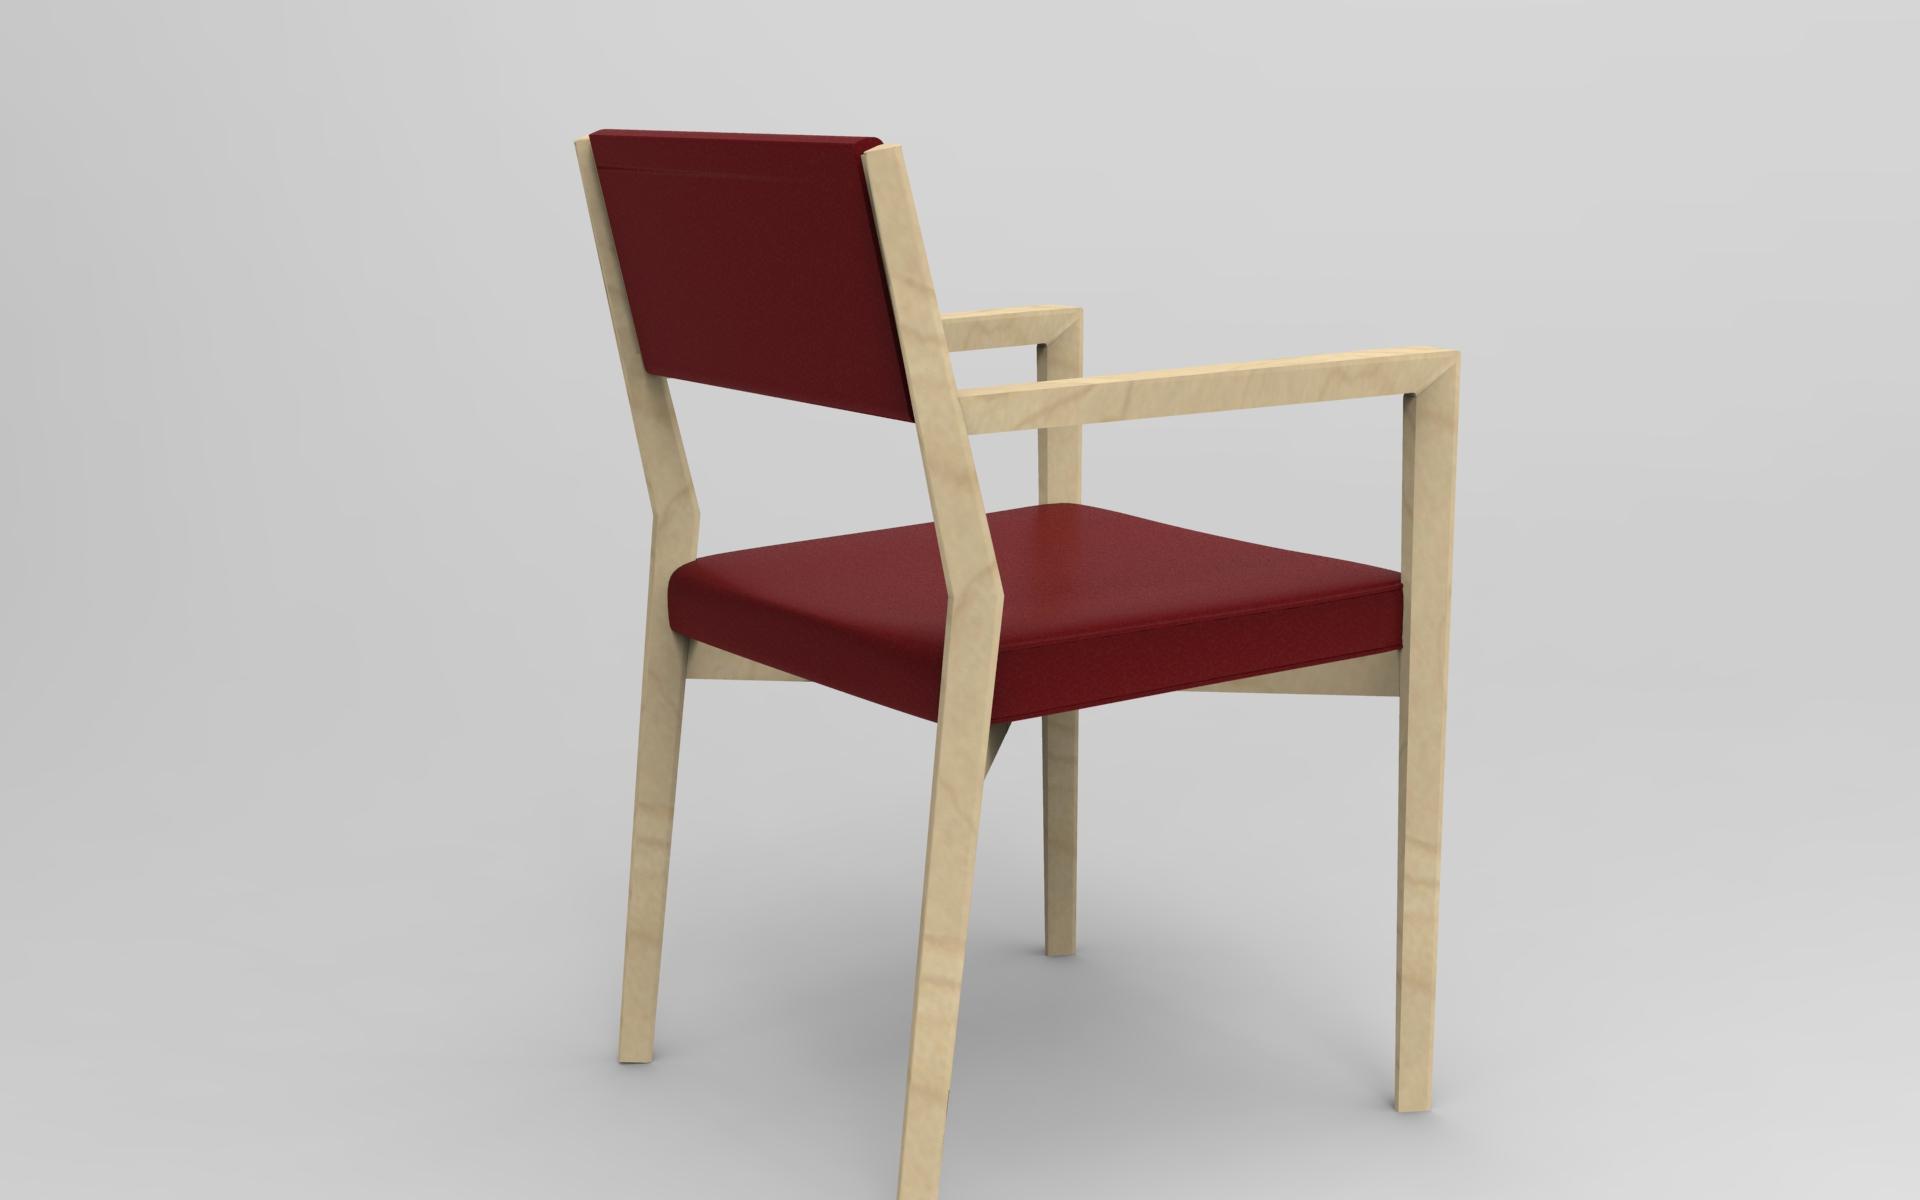 Sedie In Legno Con Braccioli : Arco arredo art design in dupont™ corian sedia legno con